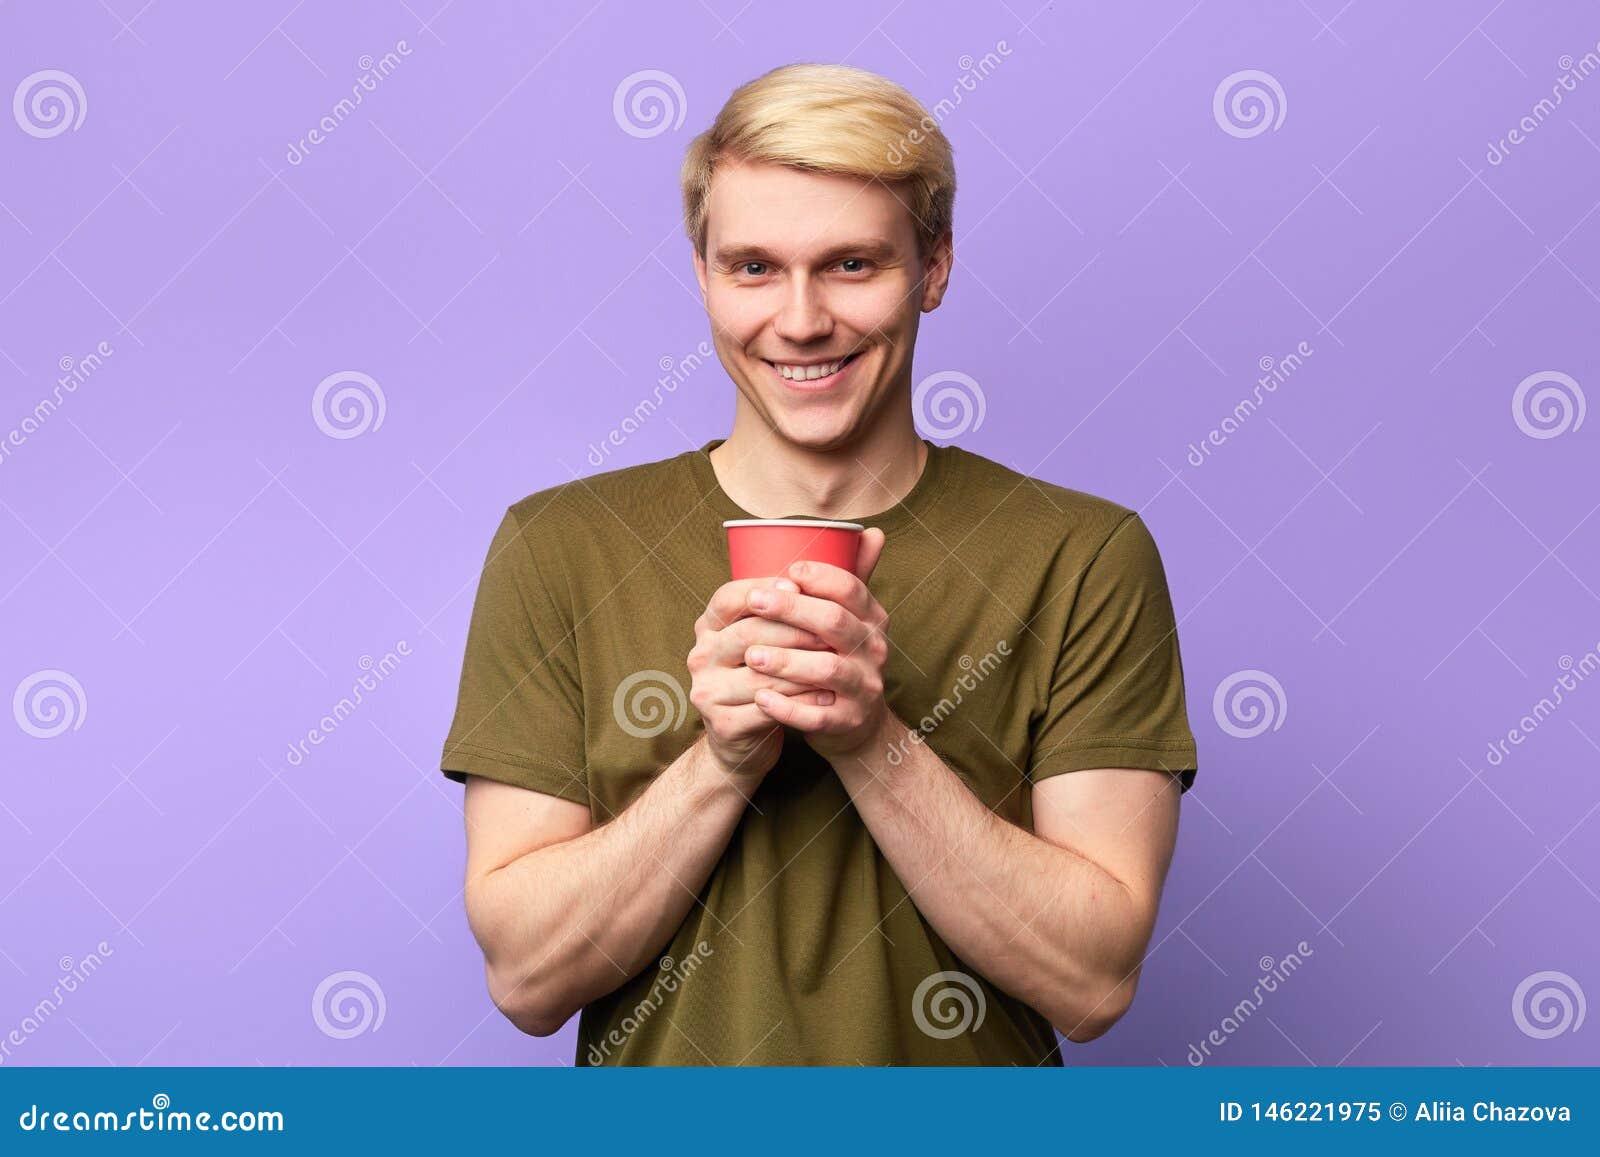 Pozytywny szczęśliwy młody przystojny mężczyzna patrzeje kamerę i trzyma plastikową filiżankę